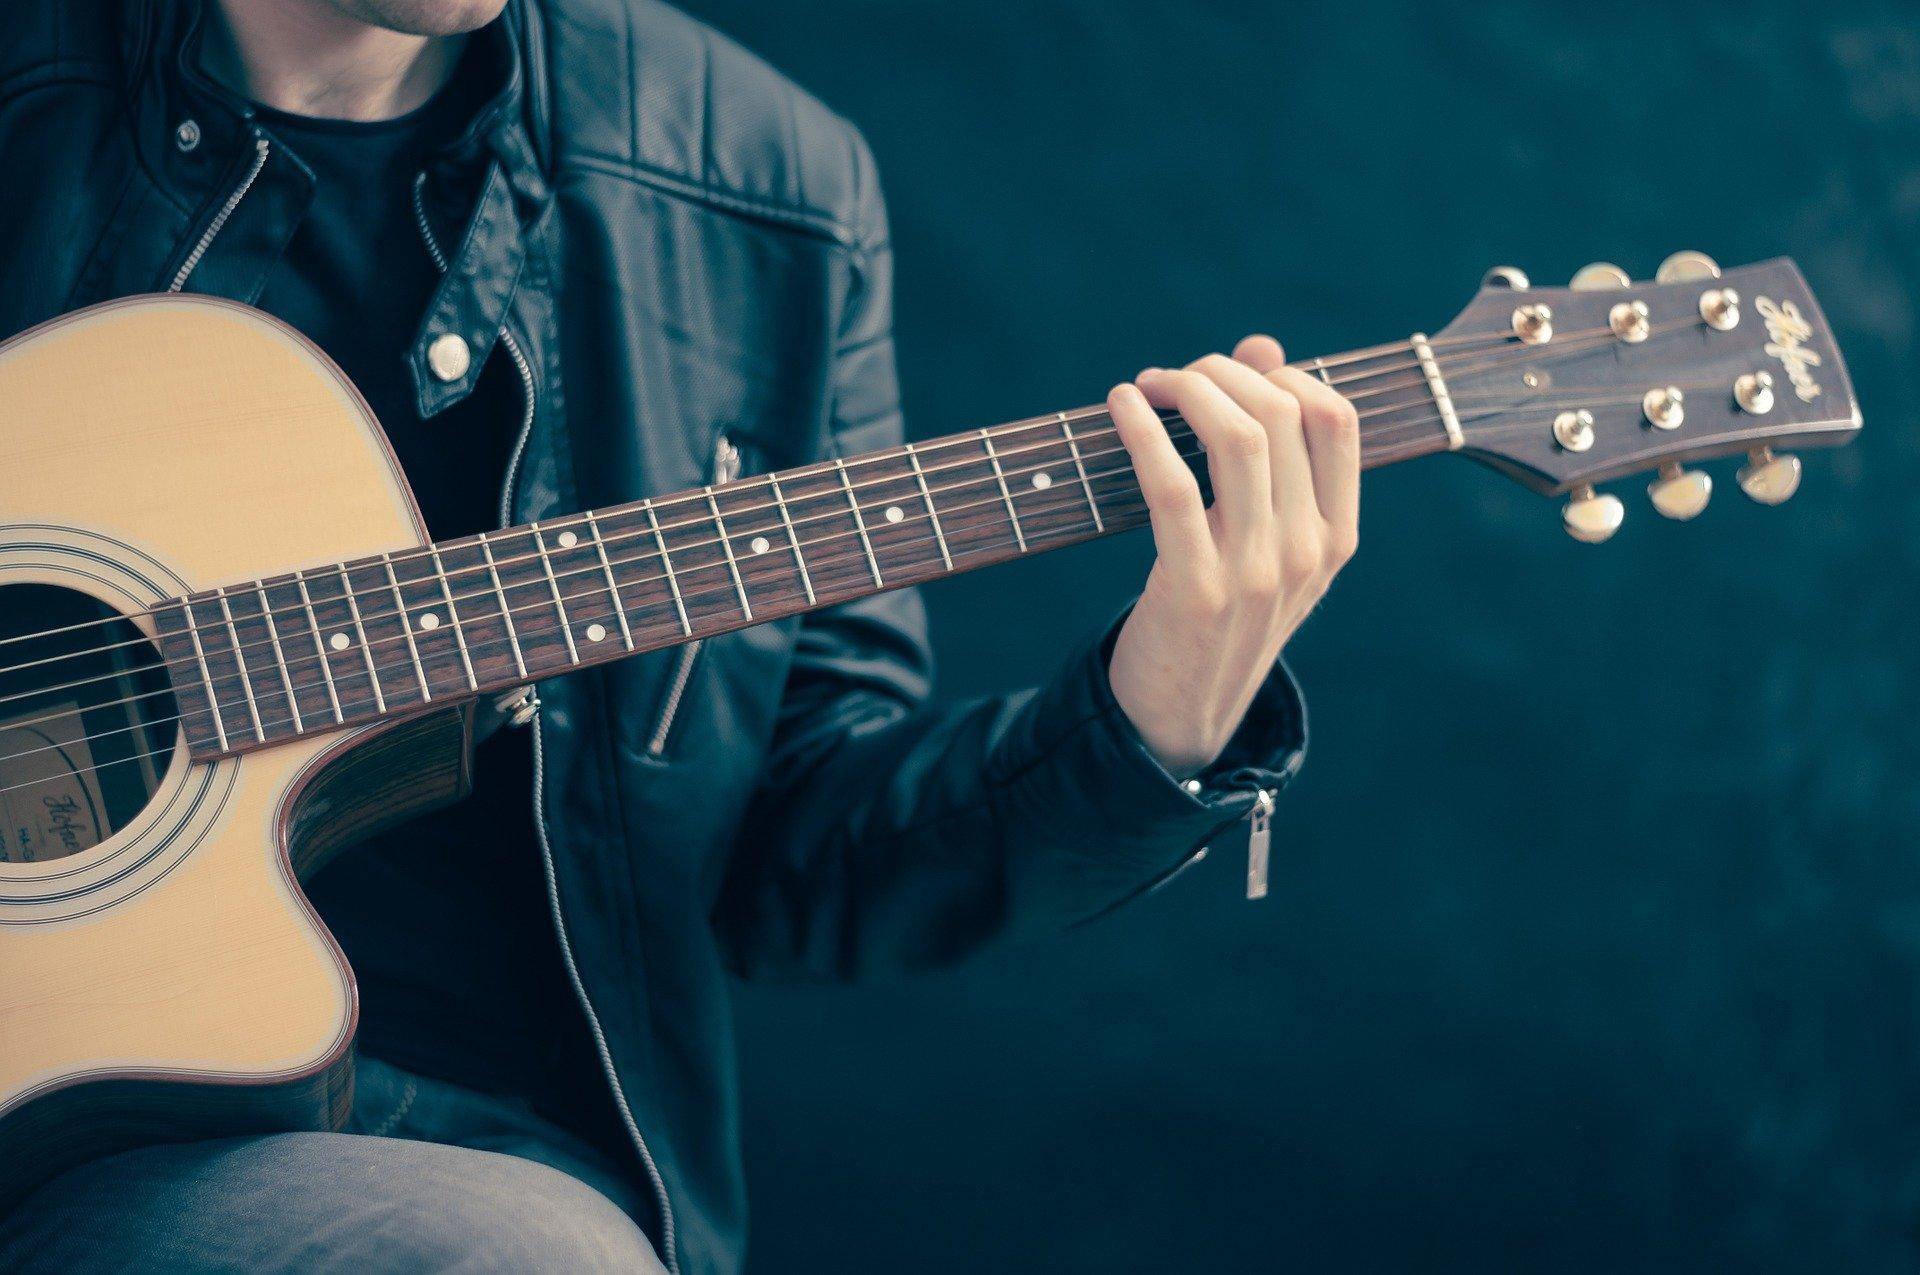 Casting jeune chanteuse guitariste 18-25 ans, pour projet studio